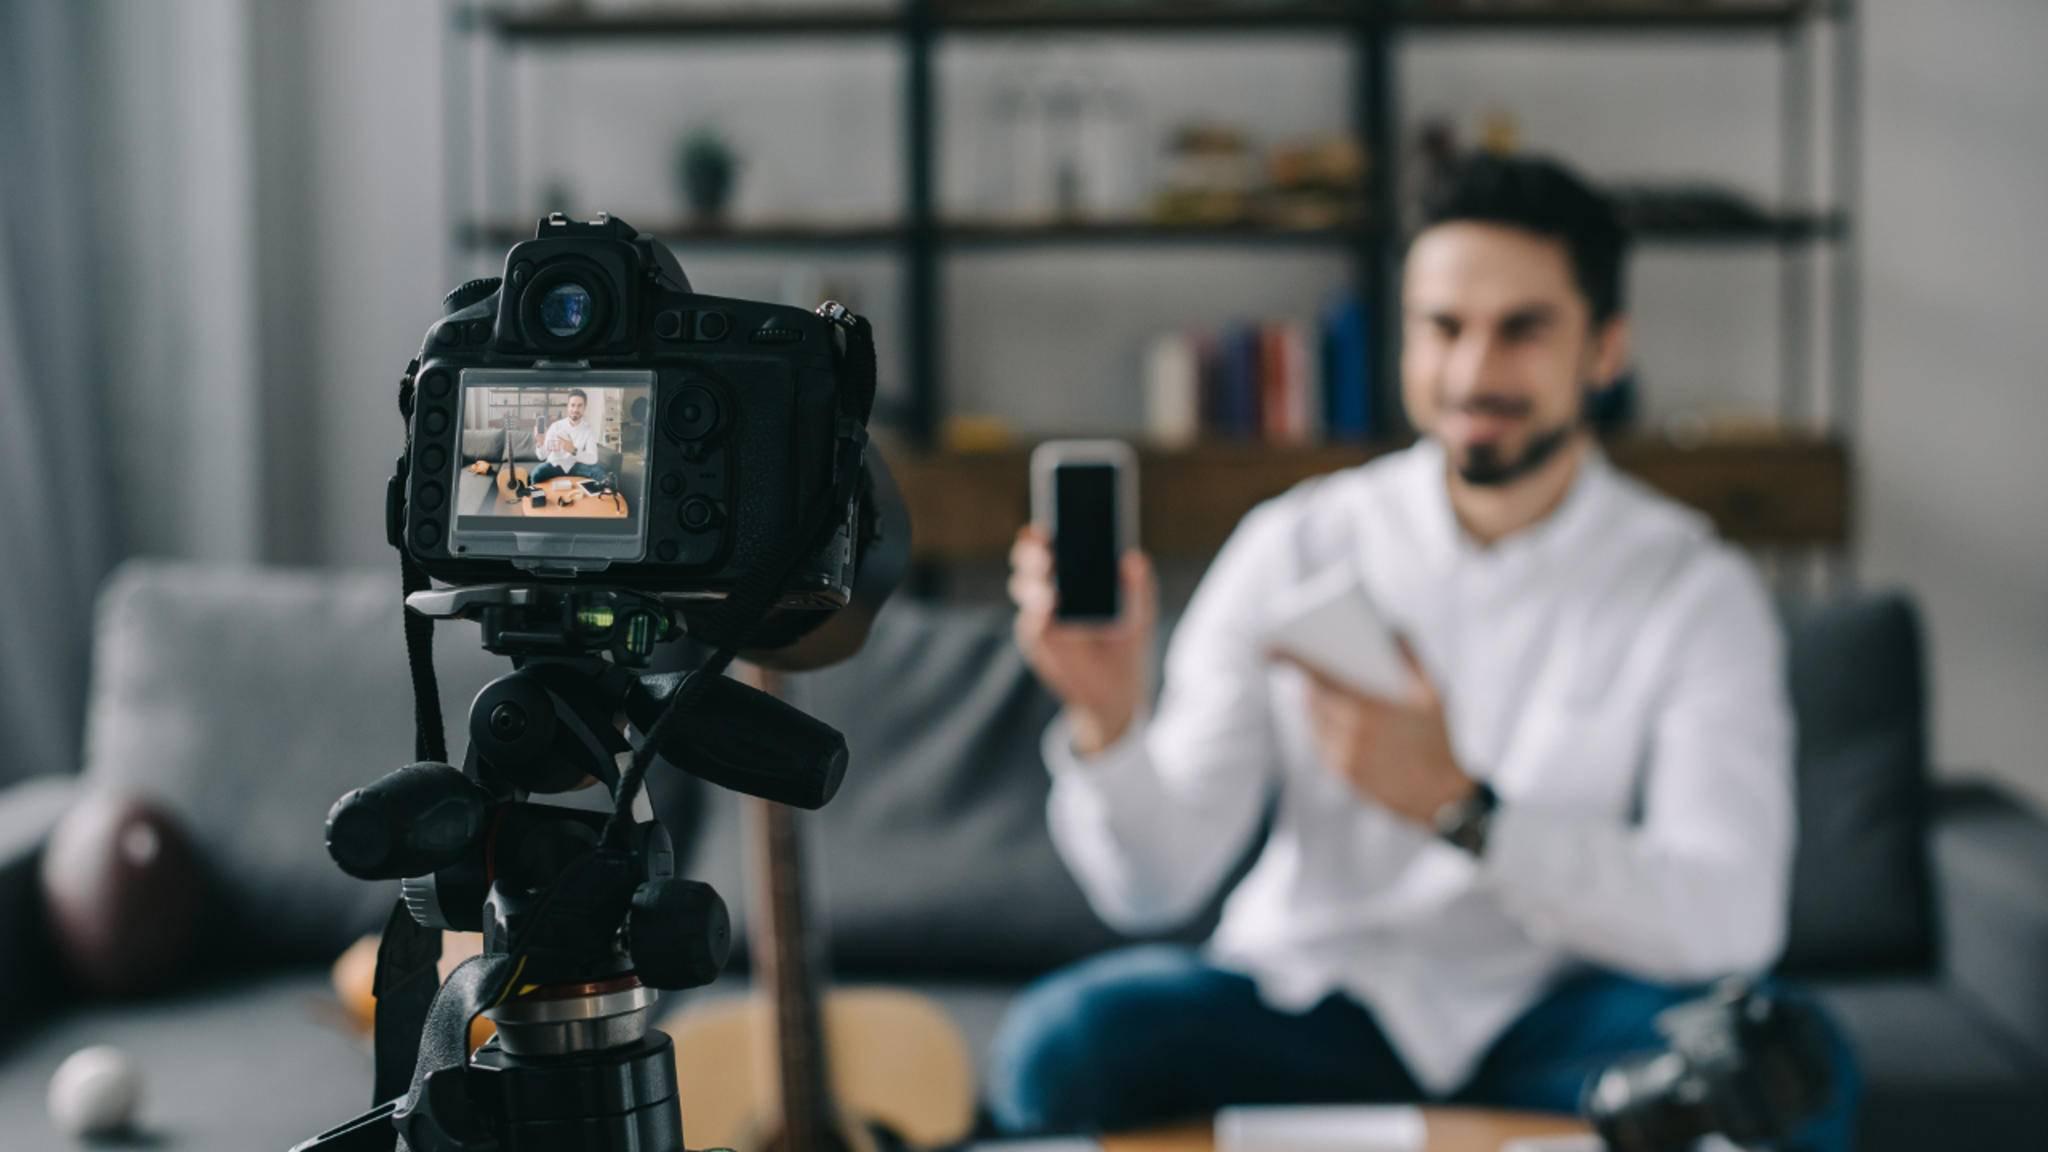 Fürs Vlogging braucht man die richtige Kamera – wir stellen passende Modelle vor.